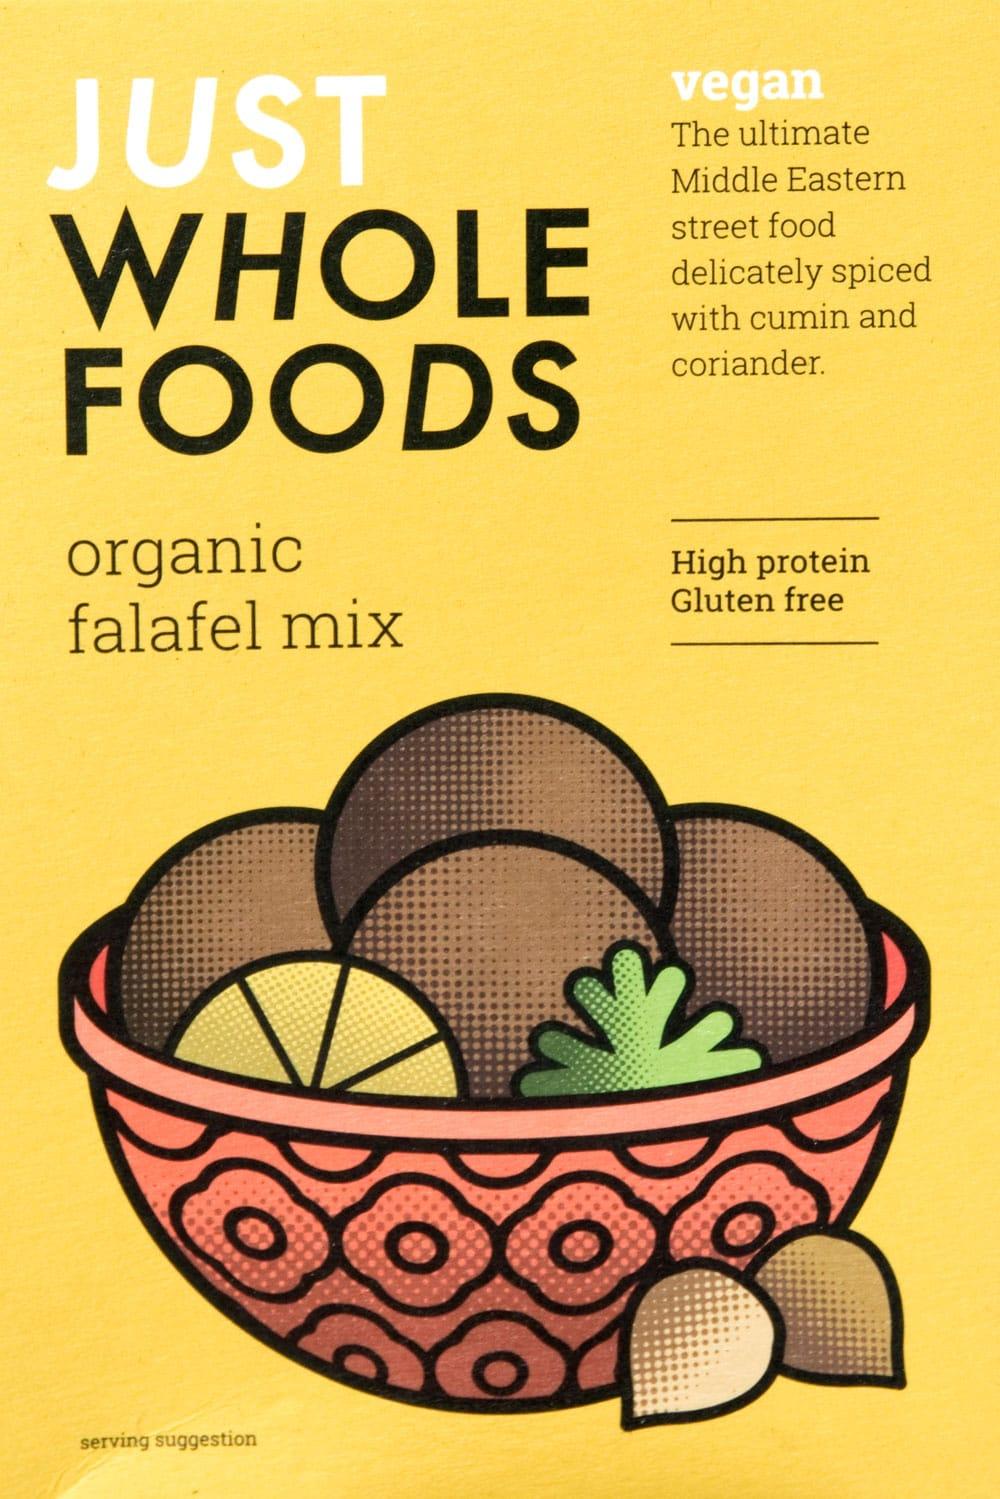 【オーガニック】ファラフェル ミックス - Falafel 【Just Wholefoods】 7 - パッケージの全体写真です